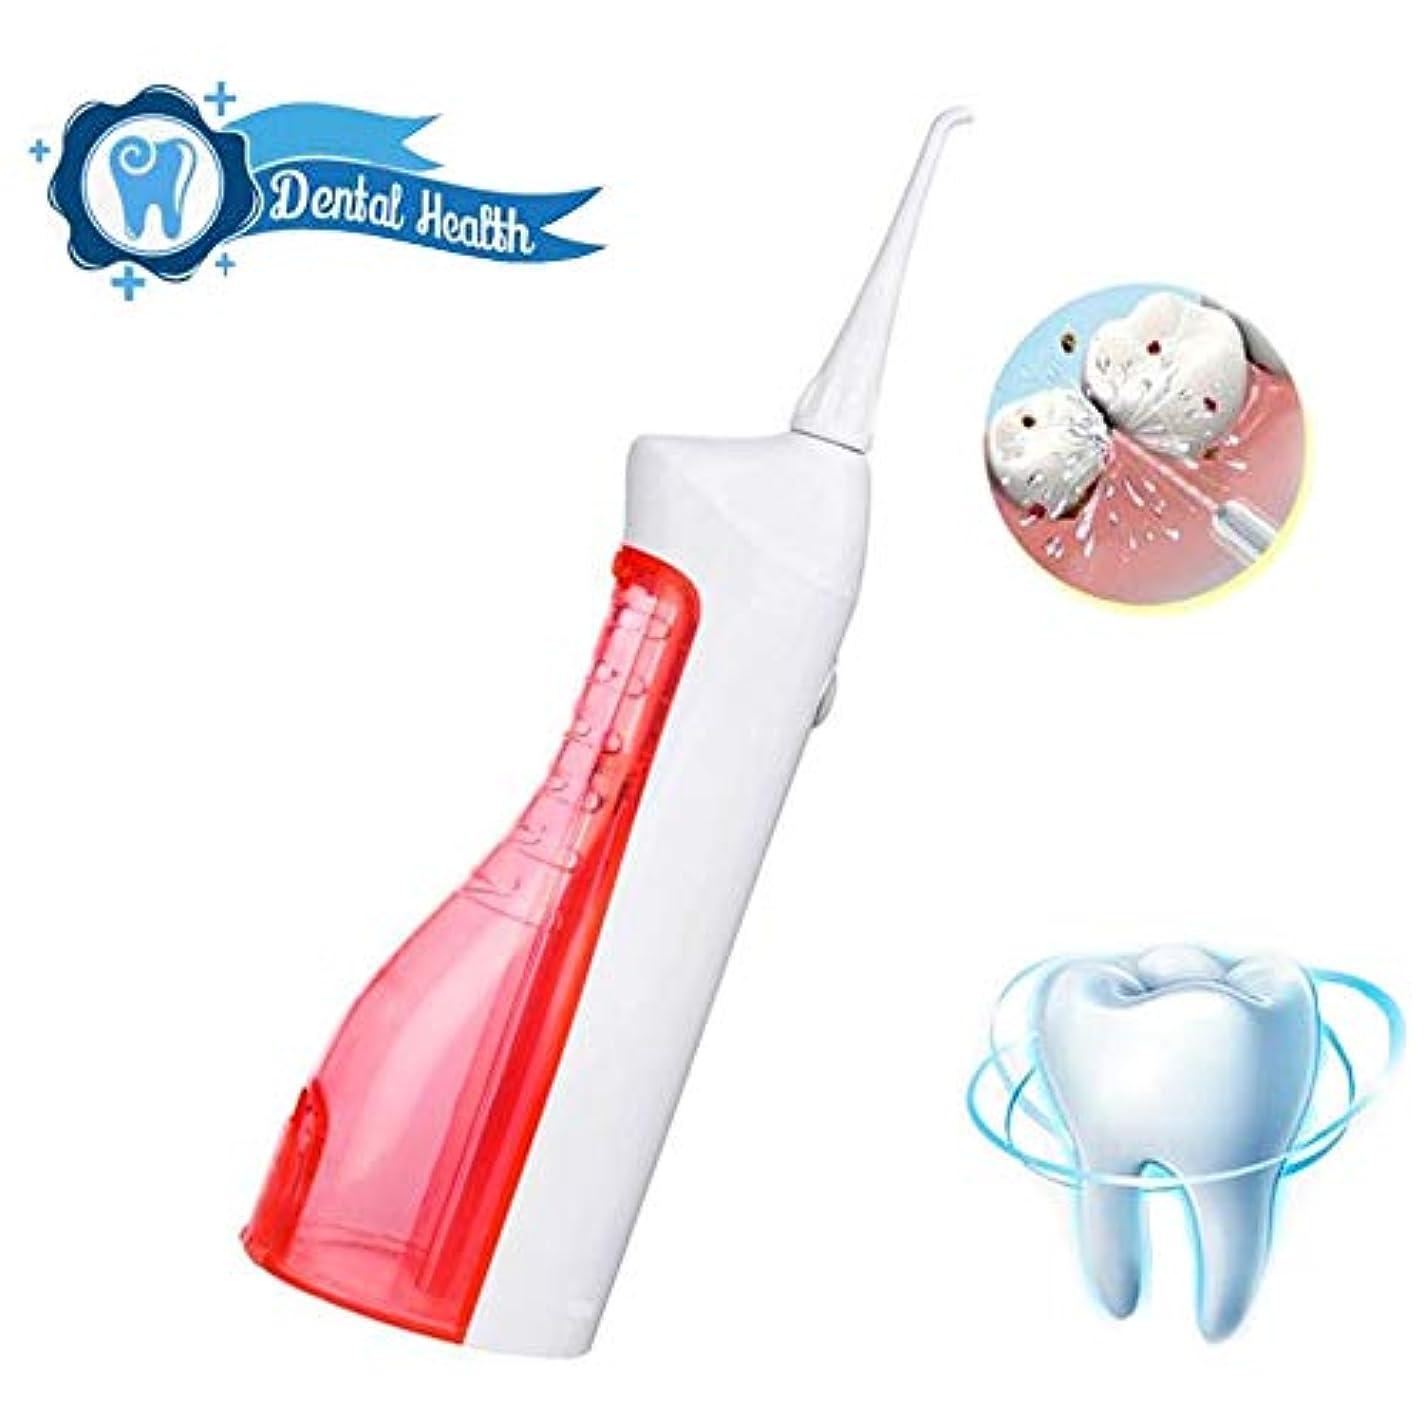 期待して精度乏しい歯のためのウォーターフロッサー、ポータブルプロフェッショナルコードレス歯科口腔灌漑器(150mlタンク、2本のジェットチップ付き)歯磨き粉用クリーナー、2つのクリーニングモード、USB充電式、IPX7